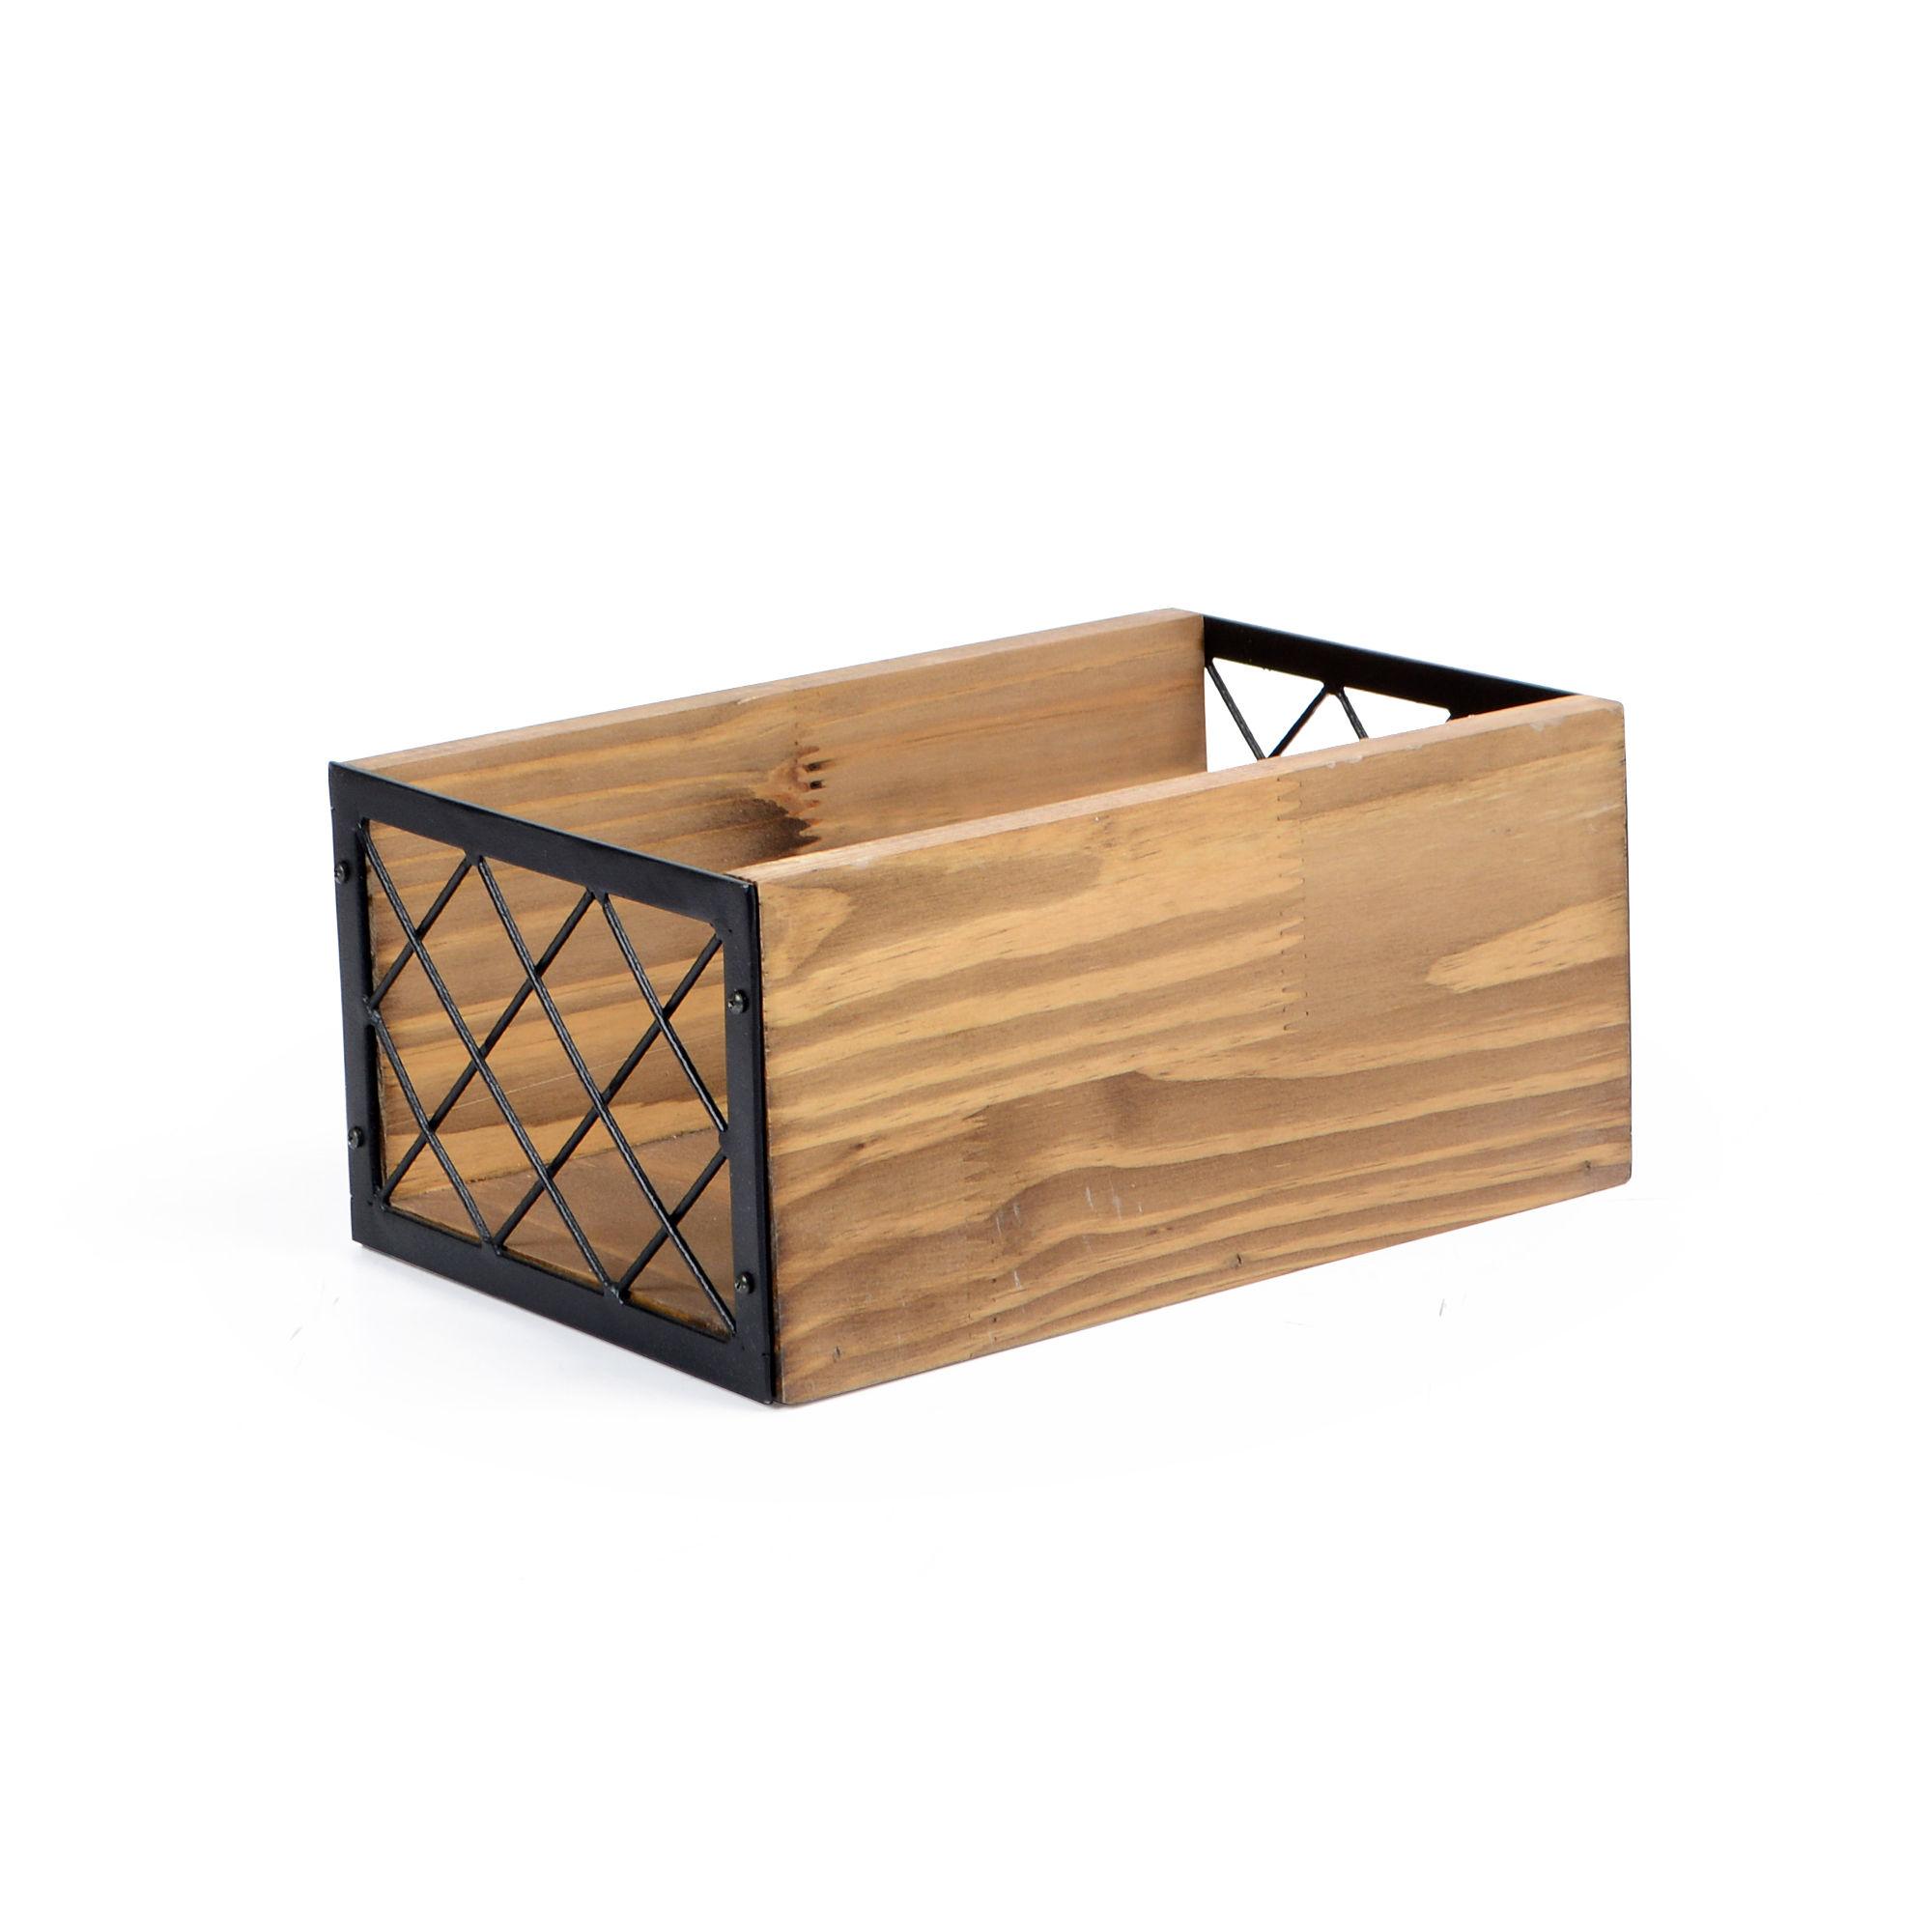 Caixote de madeira e ferro